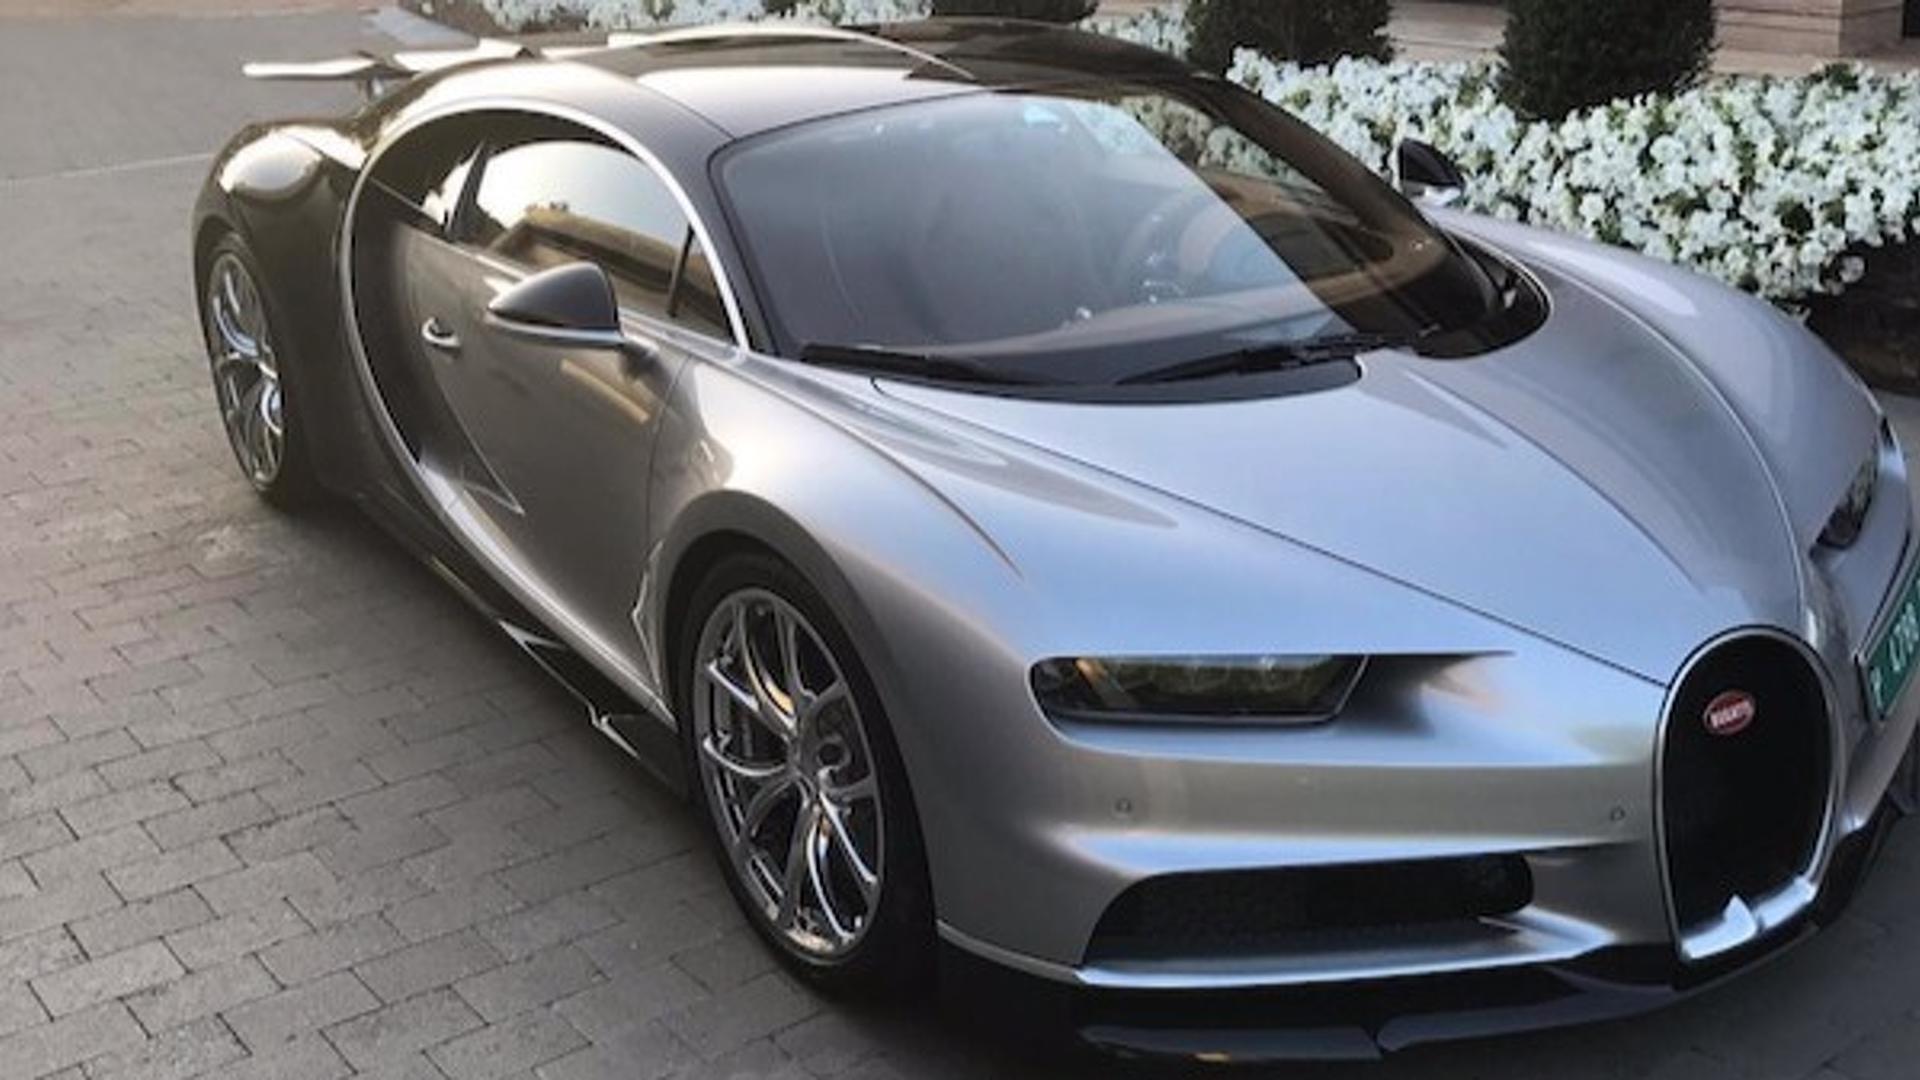 ... Bugatti Cristiano Ronaldo Spotted Driving His New Bugatti Chiron On  Bugatti Type 252, Bugatti Prototypes, ...